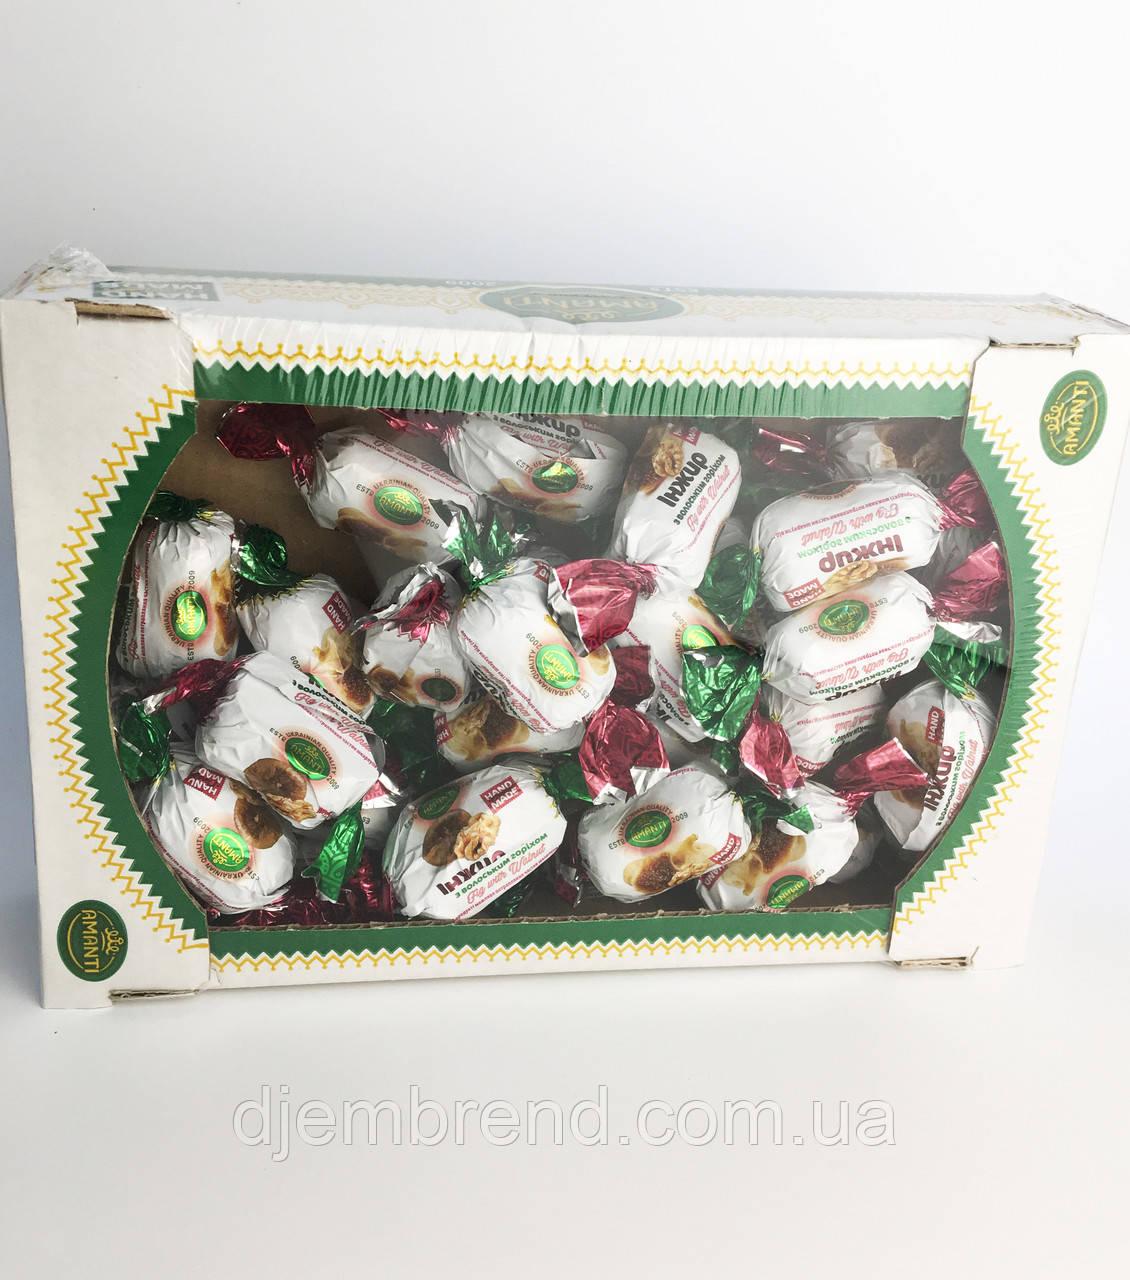 Конфеты Amanti Инжир с грецким орехом, Украина, 1 кг.